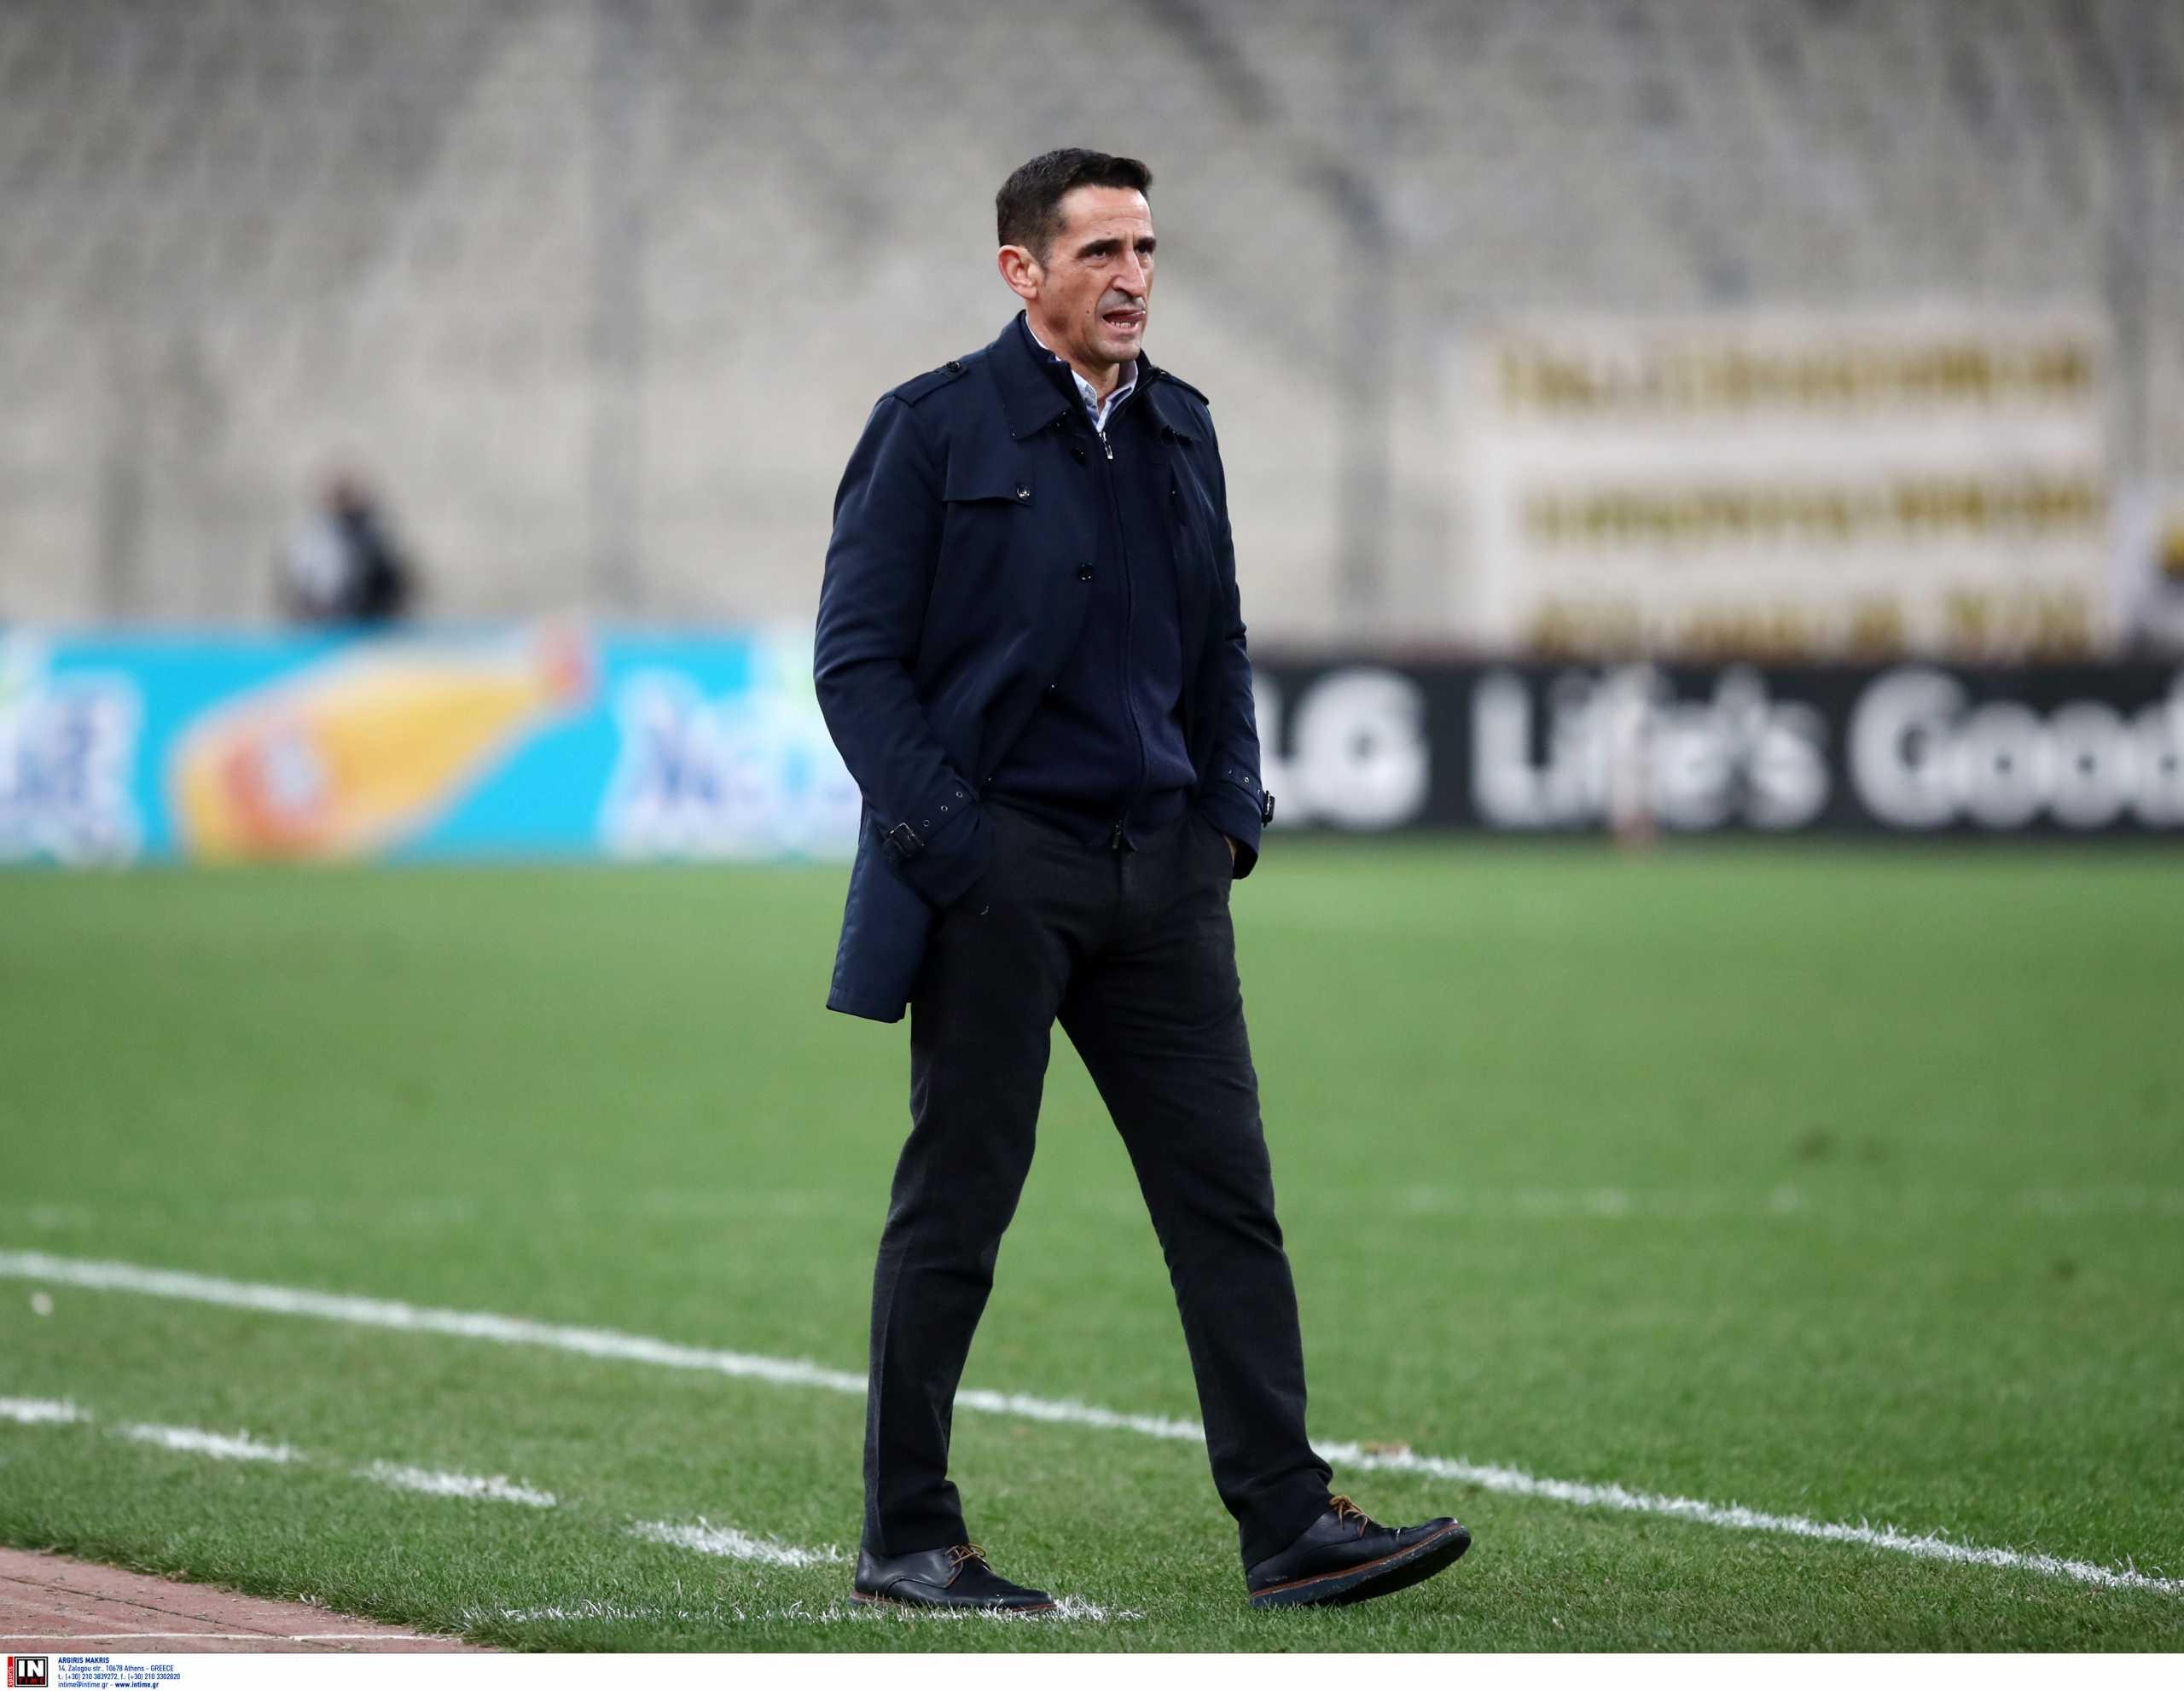 ΑΕΚ – Χιμένεθ: «Κάναμε δώρο δύο γκολ – Με διαφορά καλύτερος ο Κρίστιτσιτς»